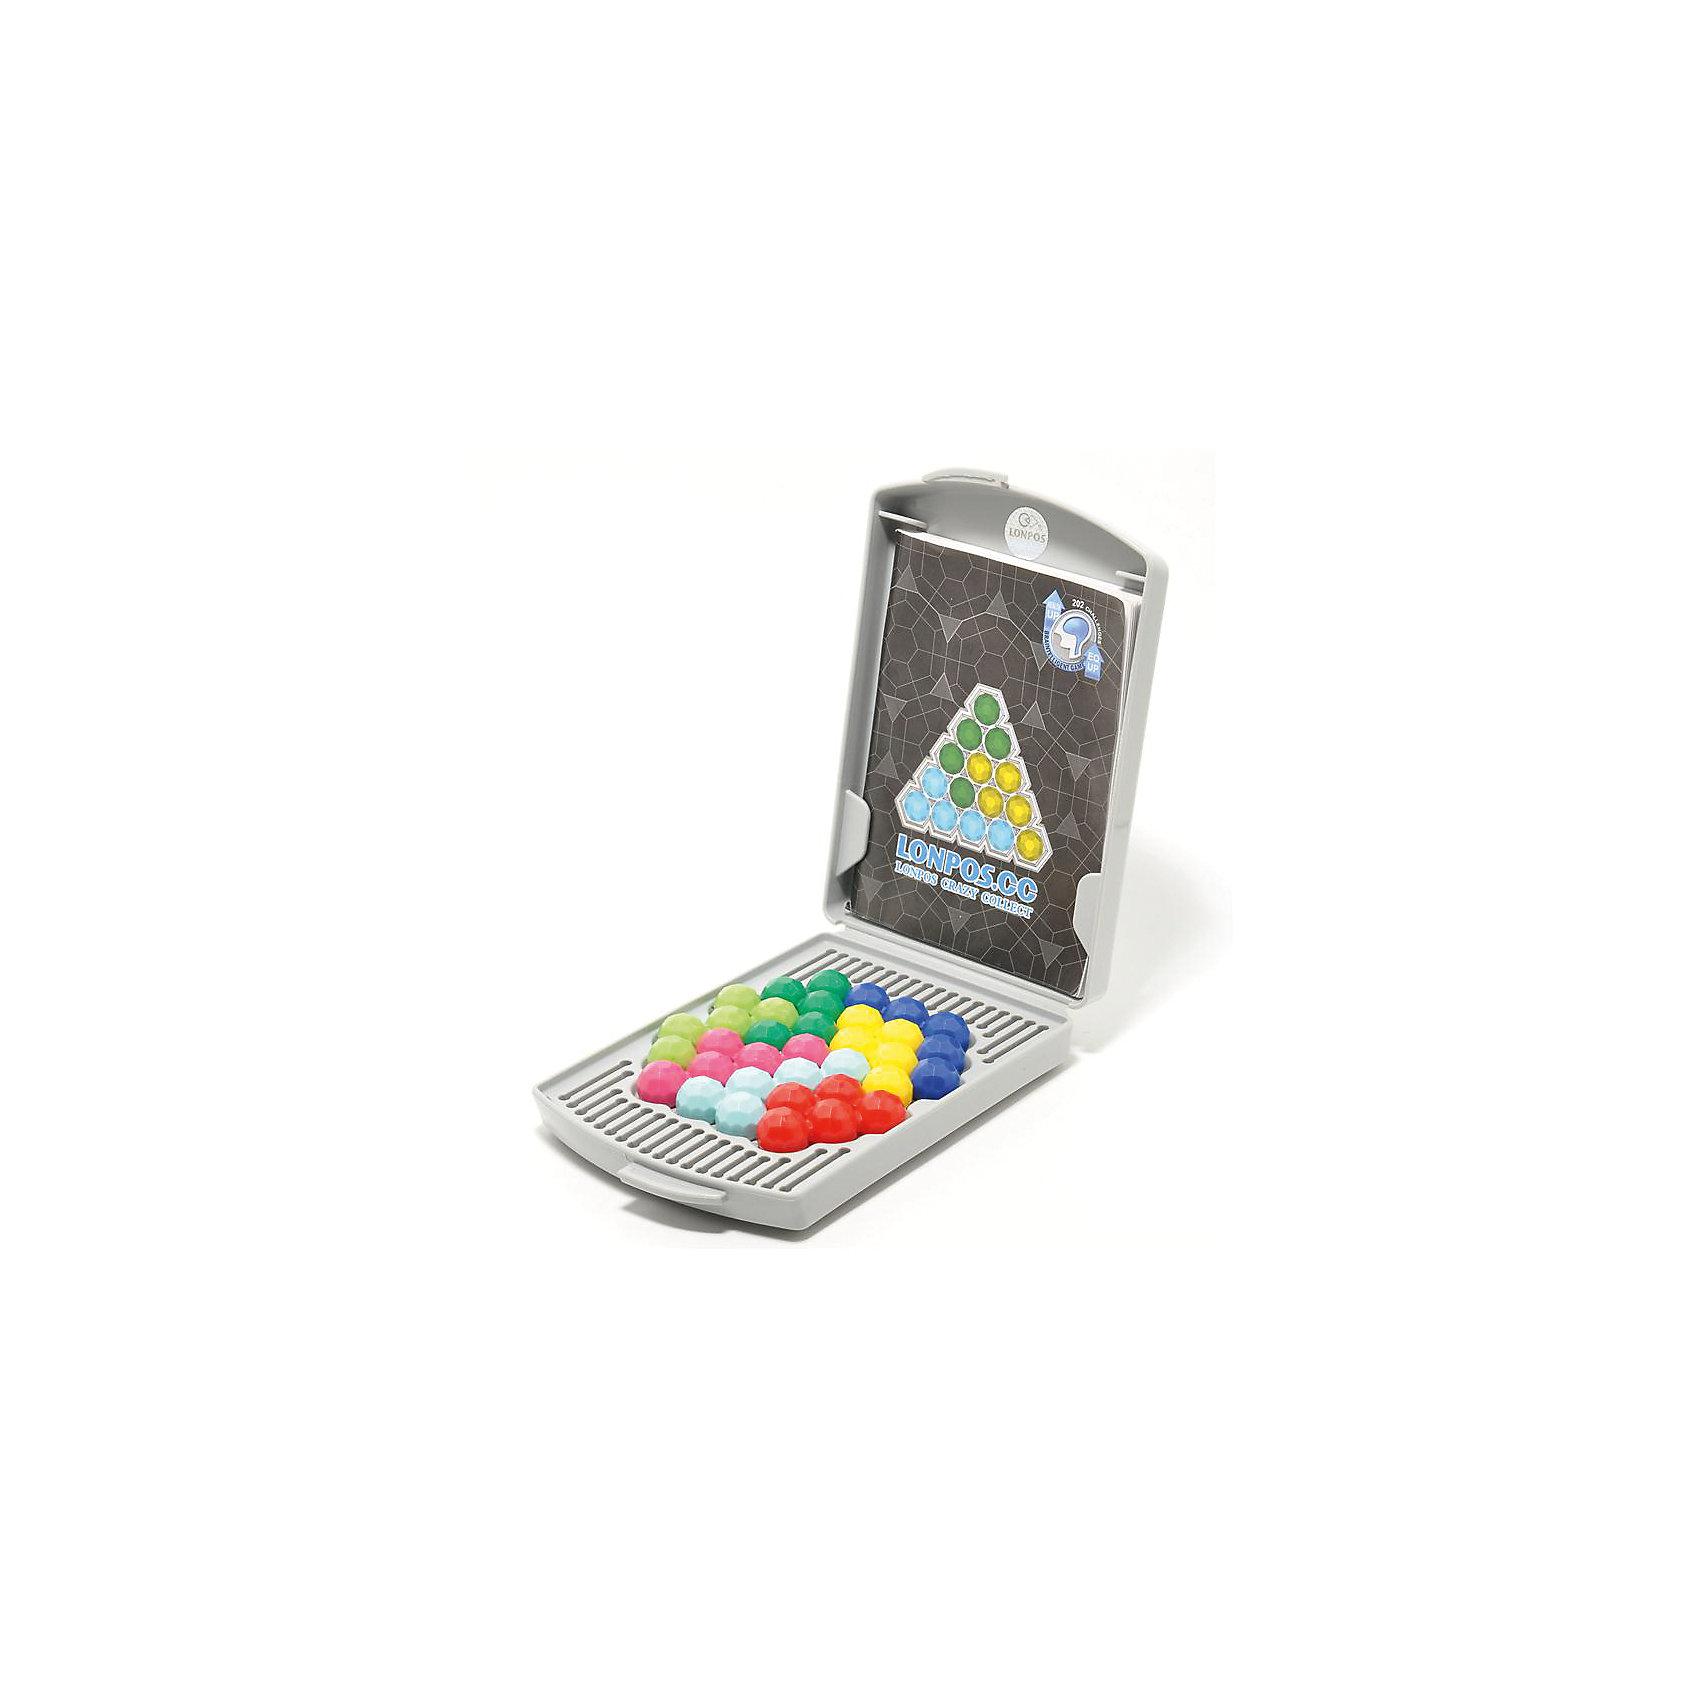 Головоломка Crazy Collect, LonposГоловоломки<br>Головоломка Crazy Collect, Lonpos<br><br>Характеристики:<br><br>- в набор входит: чемоданчик-поле, 7 фигур, задания<br>- материал: пластик, картон<br>- размер упаковки: 9 * 2,5 * 13,5 см. <br>- вес: 150 гр.<br><br>Время двухмерных головоломок Лонпос давно прошло! Теперь красивые цветные шарики с гранями можно укладывать и в пирамиды! Два удобных поля предлагают 87 заданий в двухмерной плоскости и целых 115 в трехмерной. Книжечка формирует задания начиная от более простых и увеличивает сложность постепенно. В конце игры все фигуры можно убрать в практичный чемоданчик, который и является полем. Задача игры выложить начальные фигуры в соответствии с их расположением на картинках в задании и не изменяя их положение дополнить оставшимися фигурами. Имея под рукой несколько Лонпосов можно устраивать веселые соревнования на время. Яркая и интересная игрушка поможет развить логическое мышление, внимание, моторику и терпение. Лонпос упакован в фирменную стильную коробку.<br><br>Головоломка Crazy Collect, Lonpos (Лонпос) можно купить в нашем интернет-магазине.<br><br>Ширина мм: 25<br>Глубина мм: 135<br>Высота мм: 90<br>Вес г: 150<br>Возраст от месяцев: 72<br>Возраст до месяцев: 2147483647<br>Пол: Унисекс<br>Возраст: Детский<br>SKU: 5191414